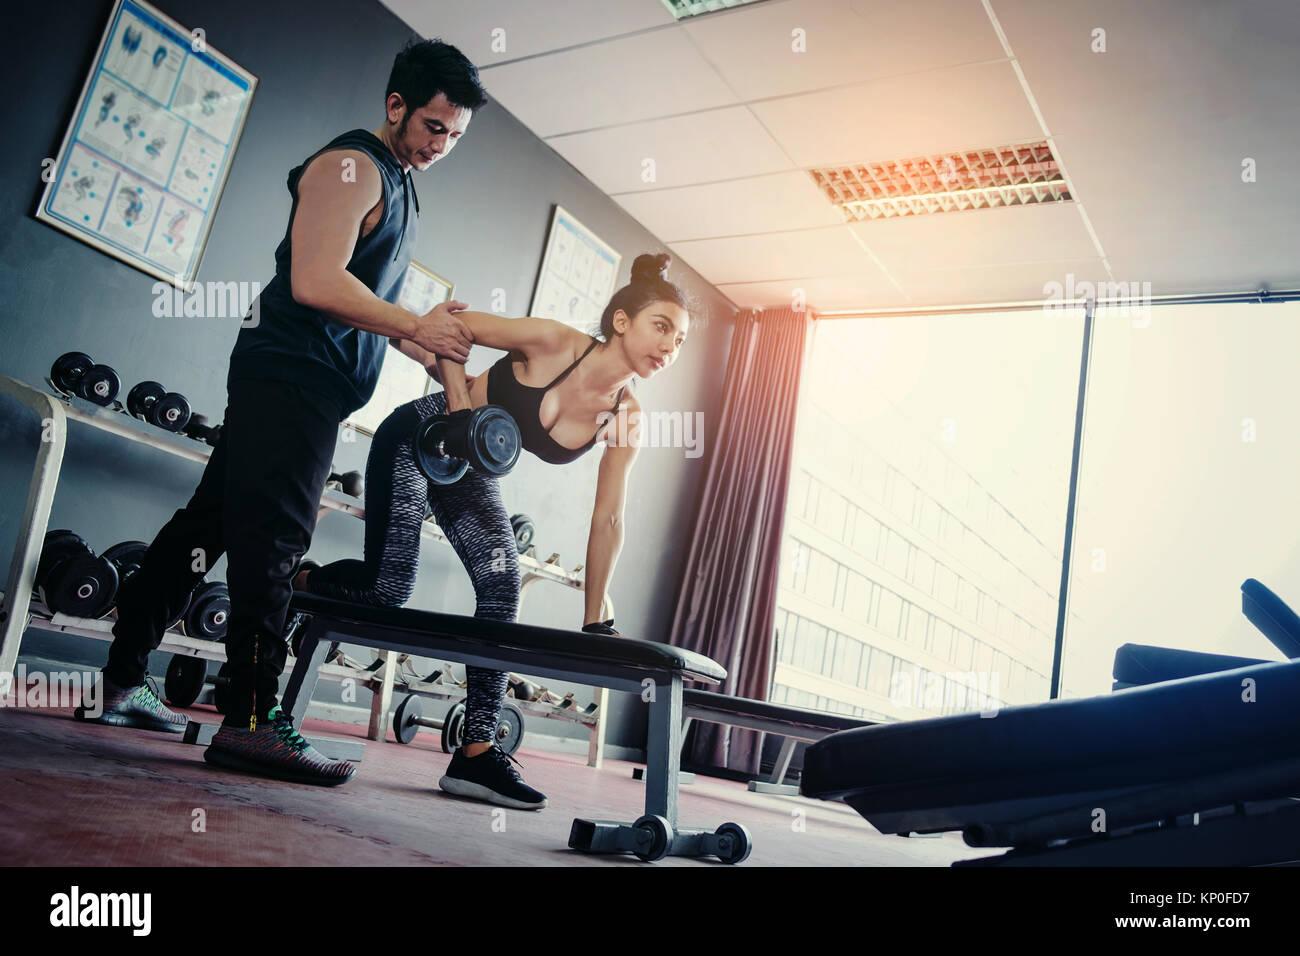 Deporte chica haciendo ejercicios de peso pesado trabajo con pesas en el gimnasio de su entrenador personal workout Imagen De Stock